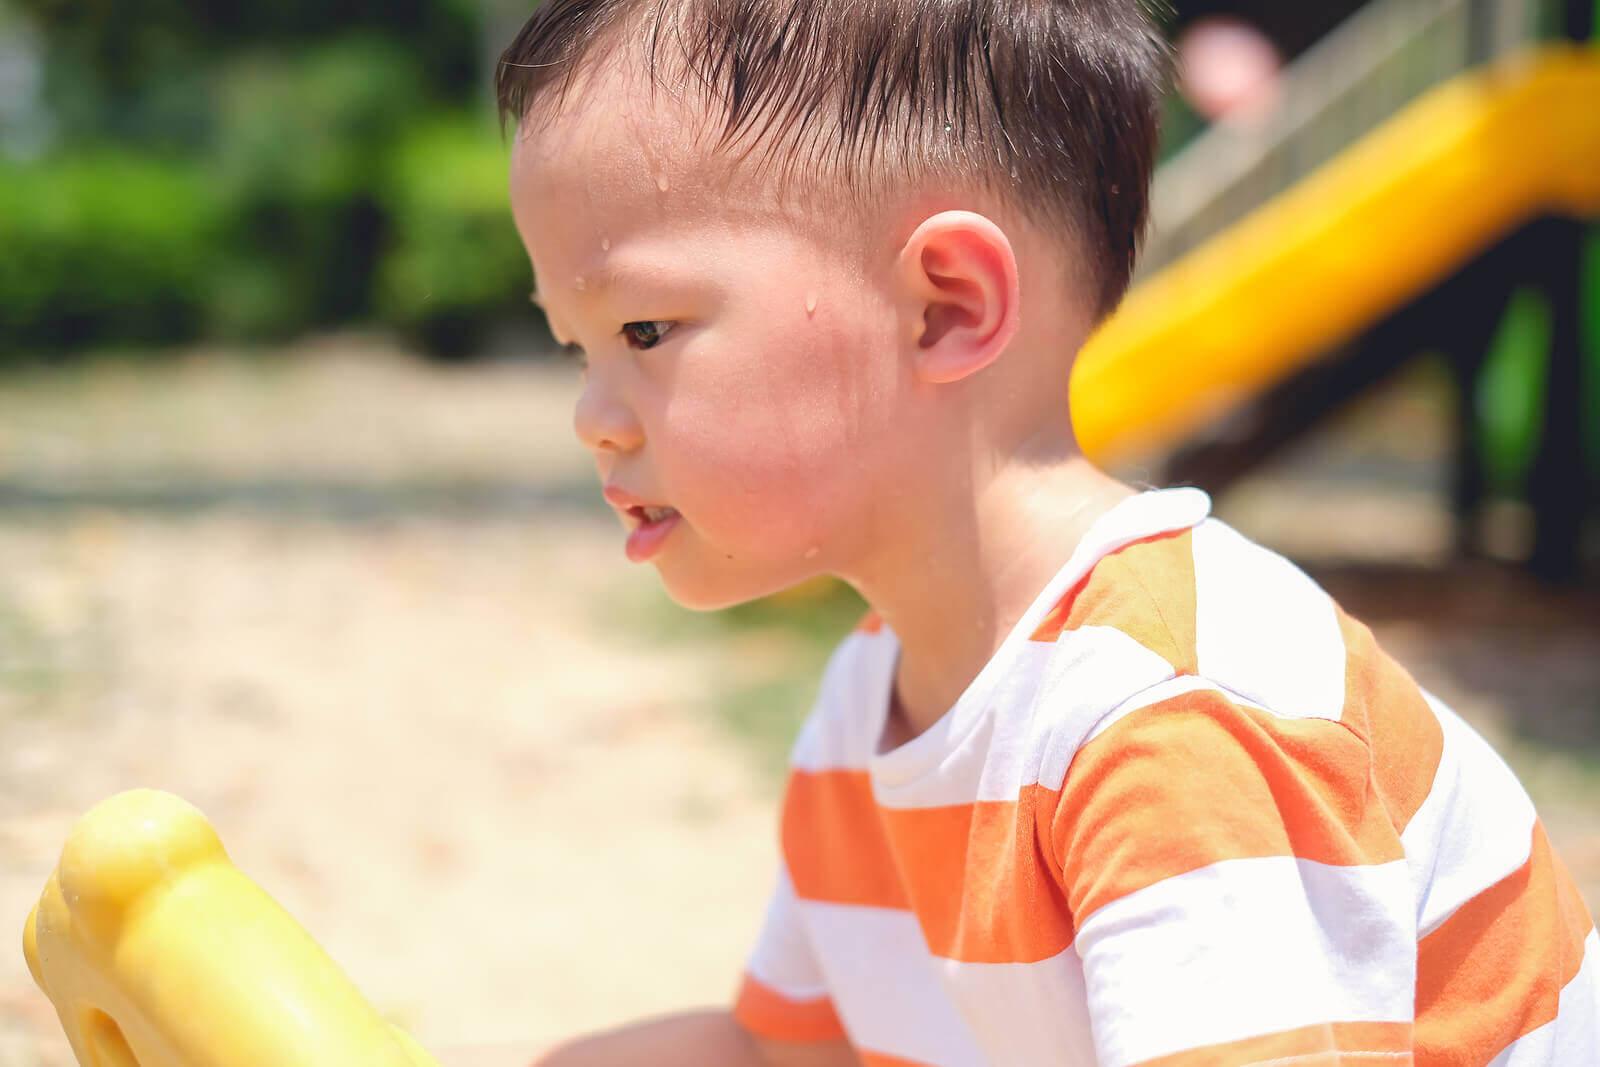 Meu filho transpira muito